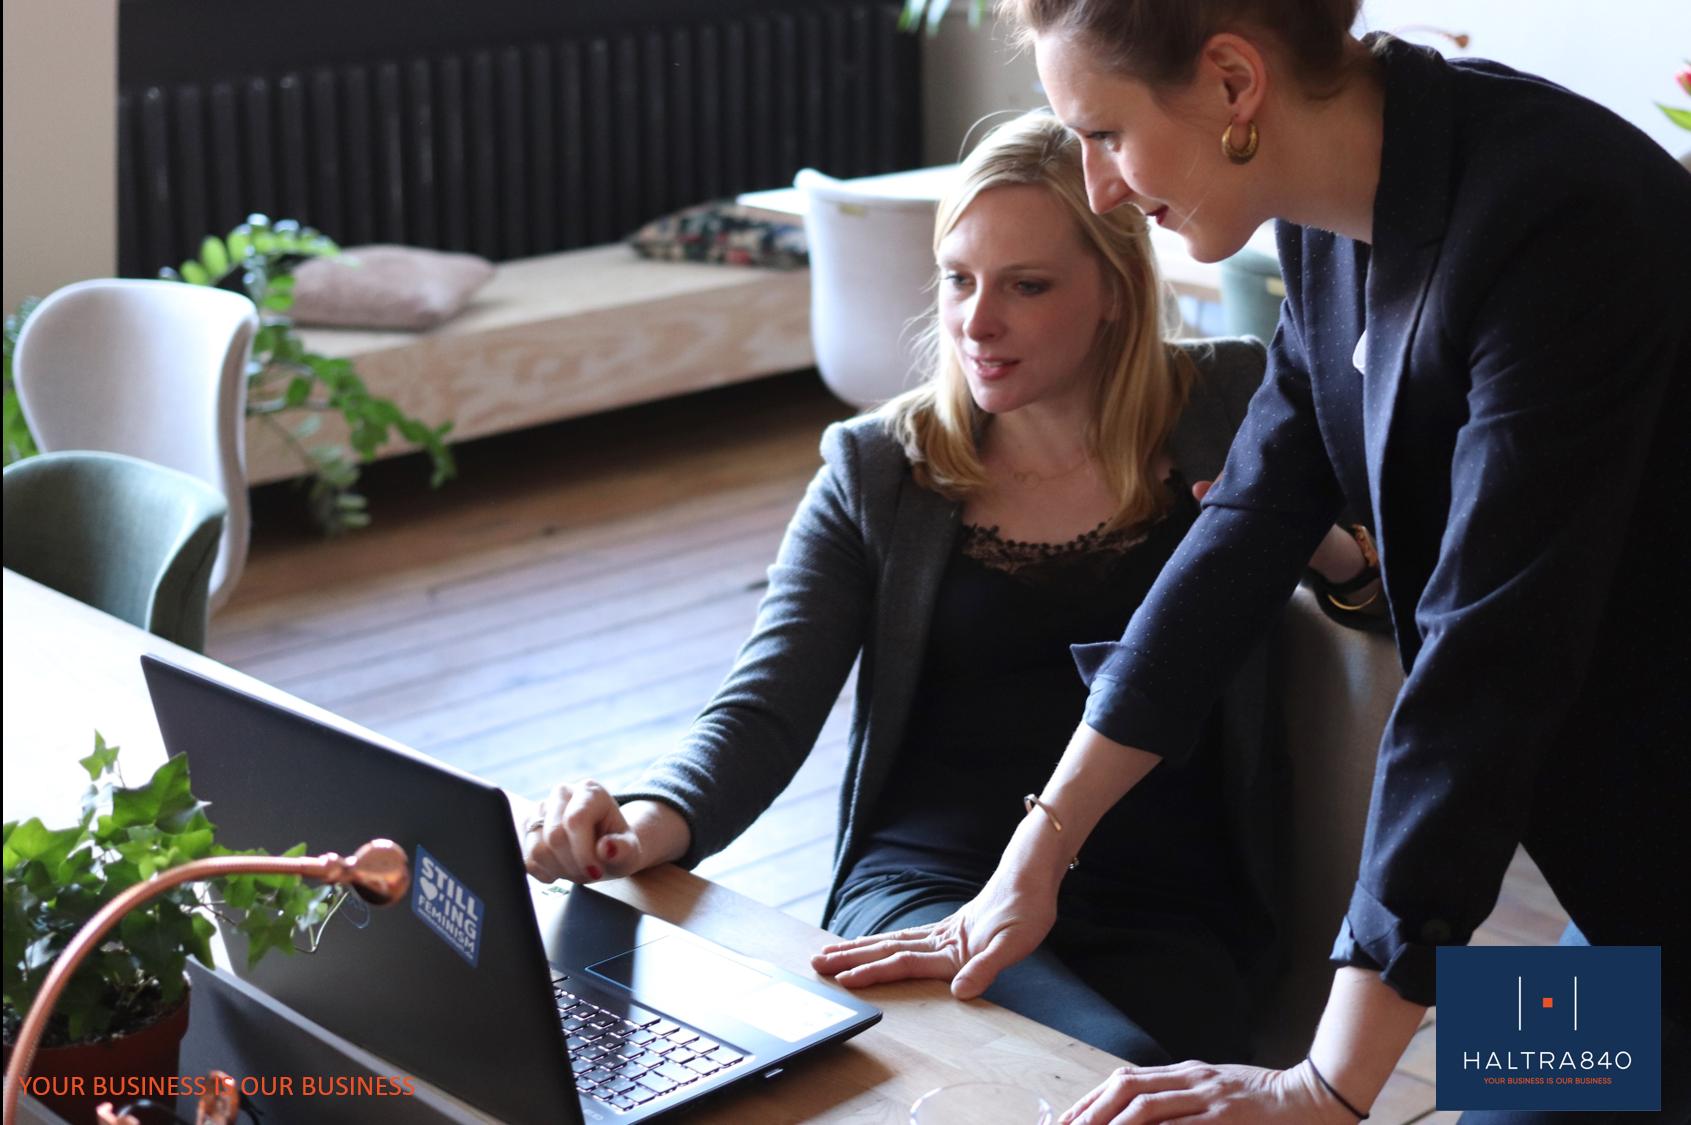 Managen als ondernemer: de juiste managementstijl